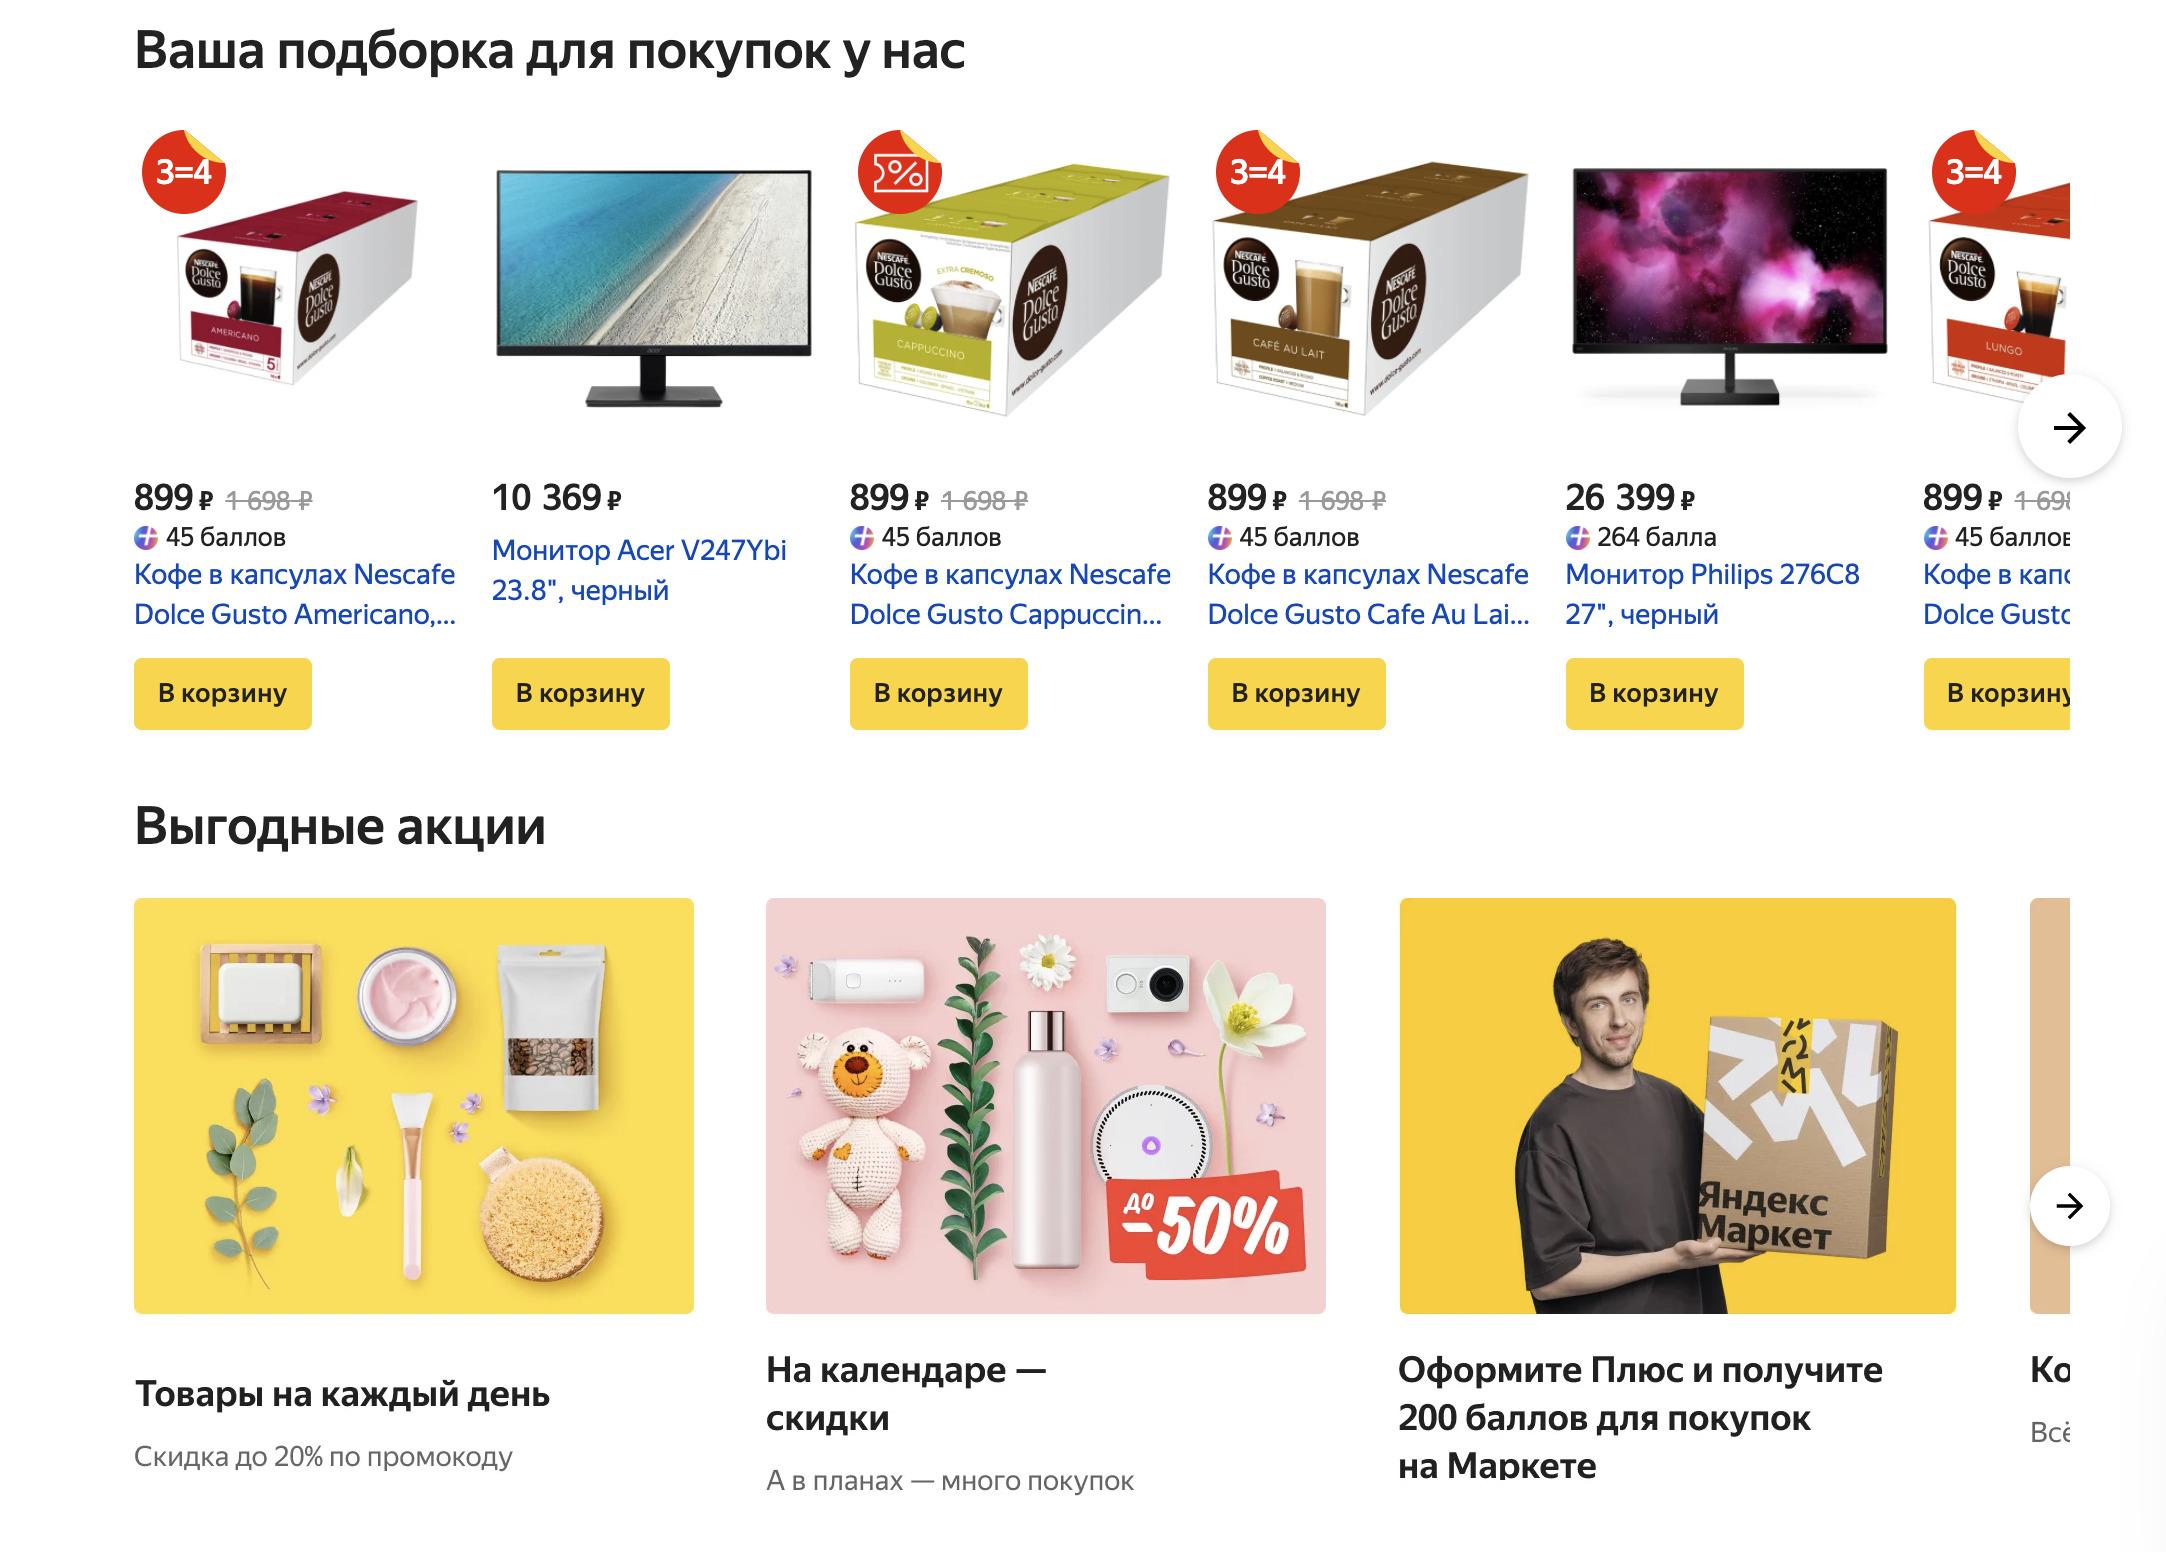 Доставка из Яндекс.Маркет в Междуреченск, сроки, пункты выдачи, каталог